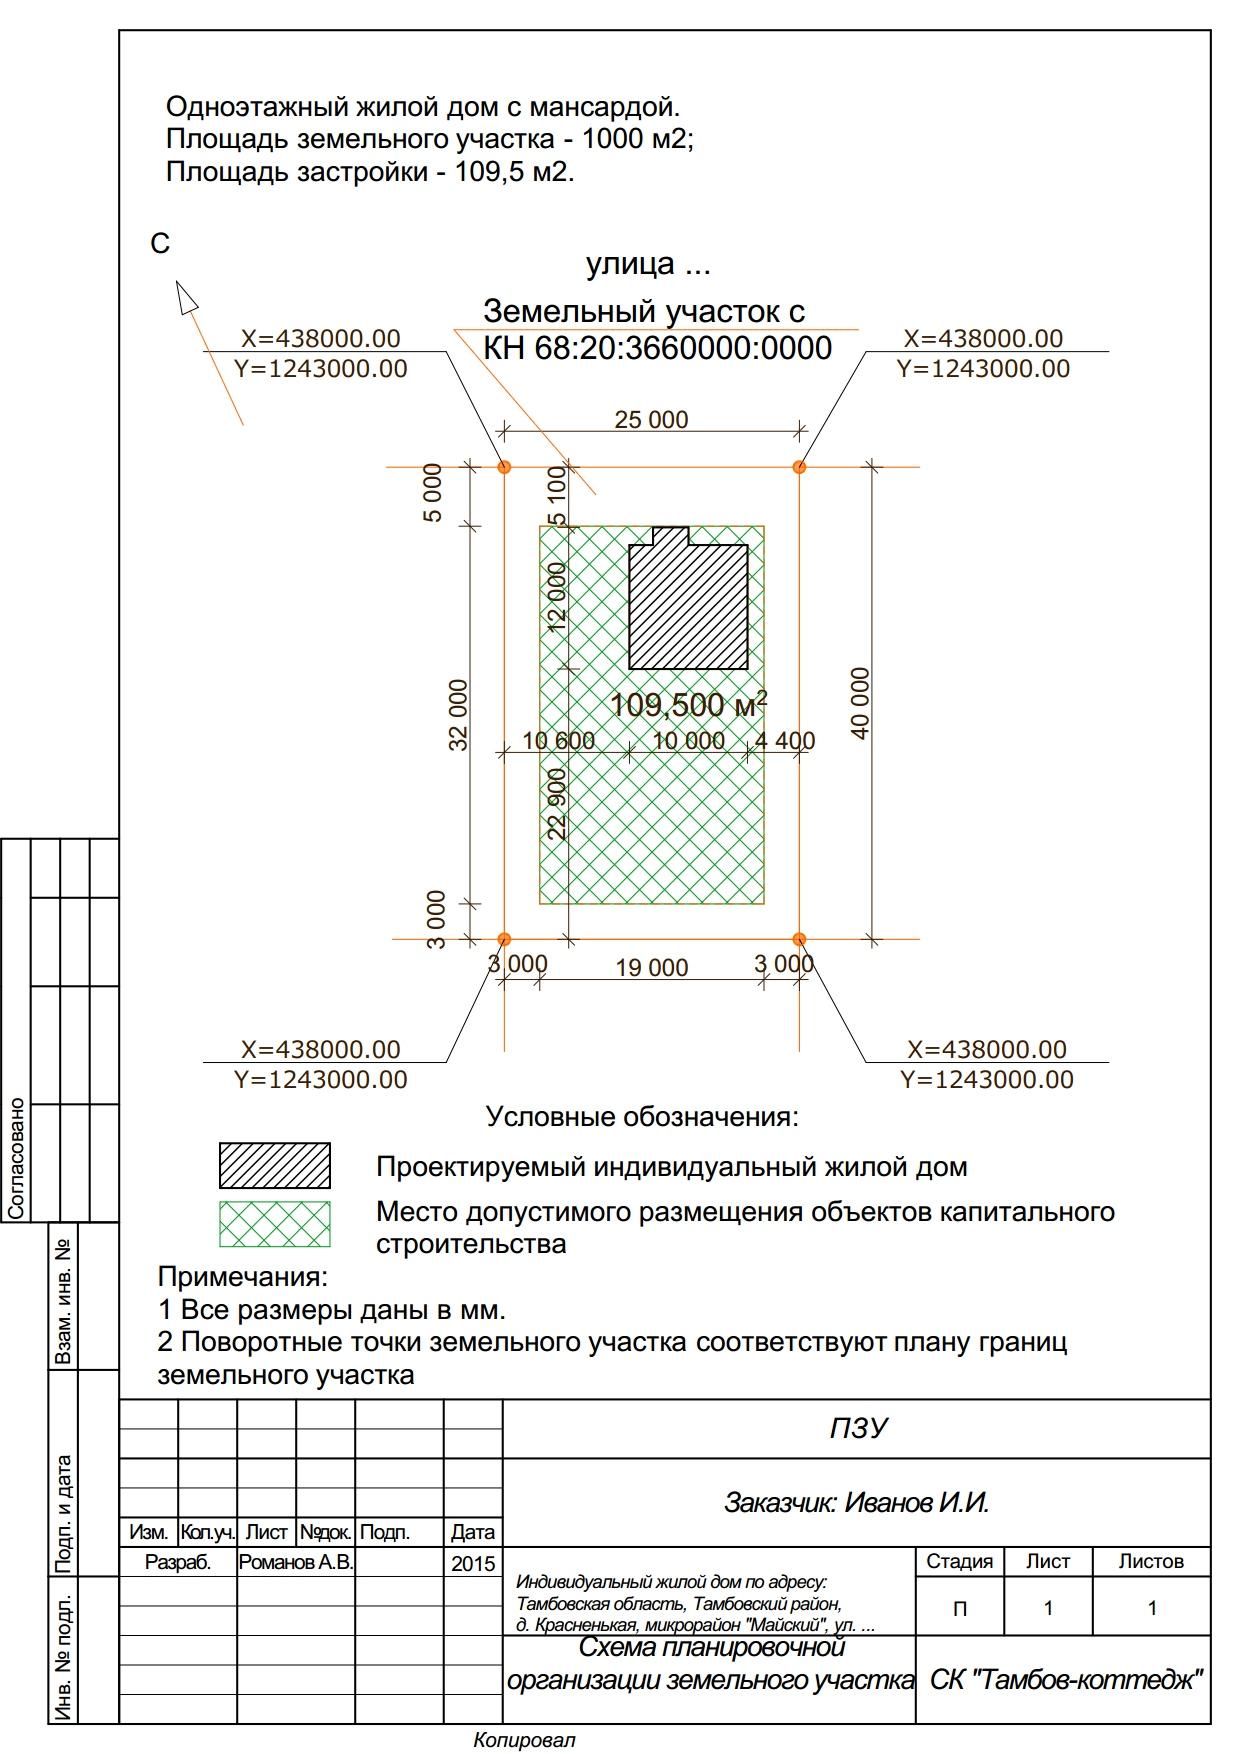 Примеры схем планировочной организации земельного участка с обозначением места размещения объекта